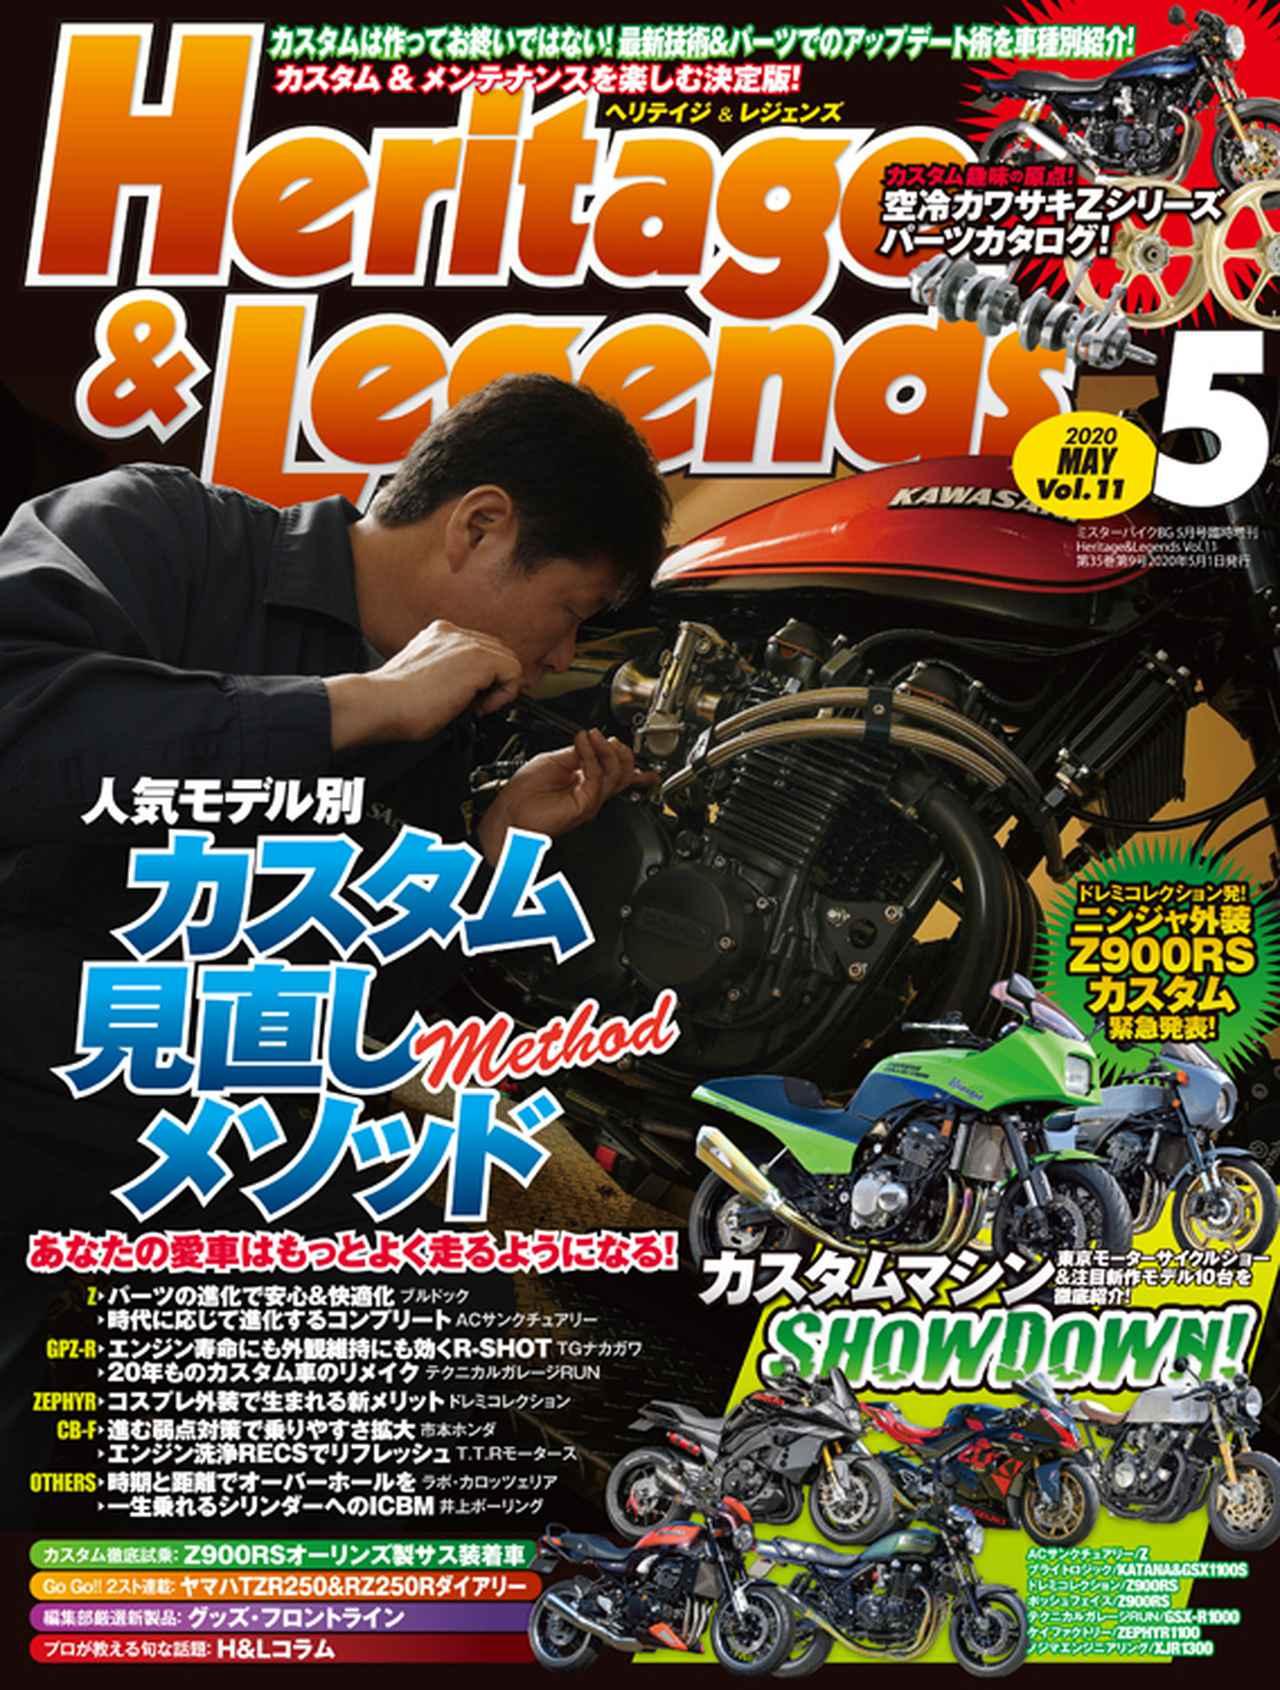 画像: 月刊ヘリテイジ&レジェンズ。 2020年5月号(Vol.11)は3月27日(金)発売です。   ヘリテイジ&レジェンズ Heritage& Legends